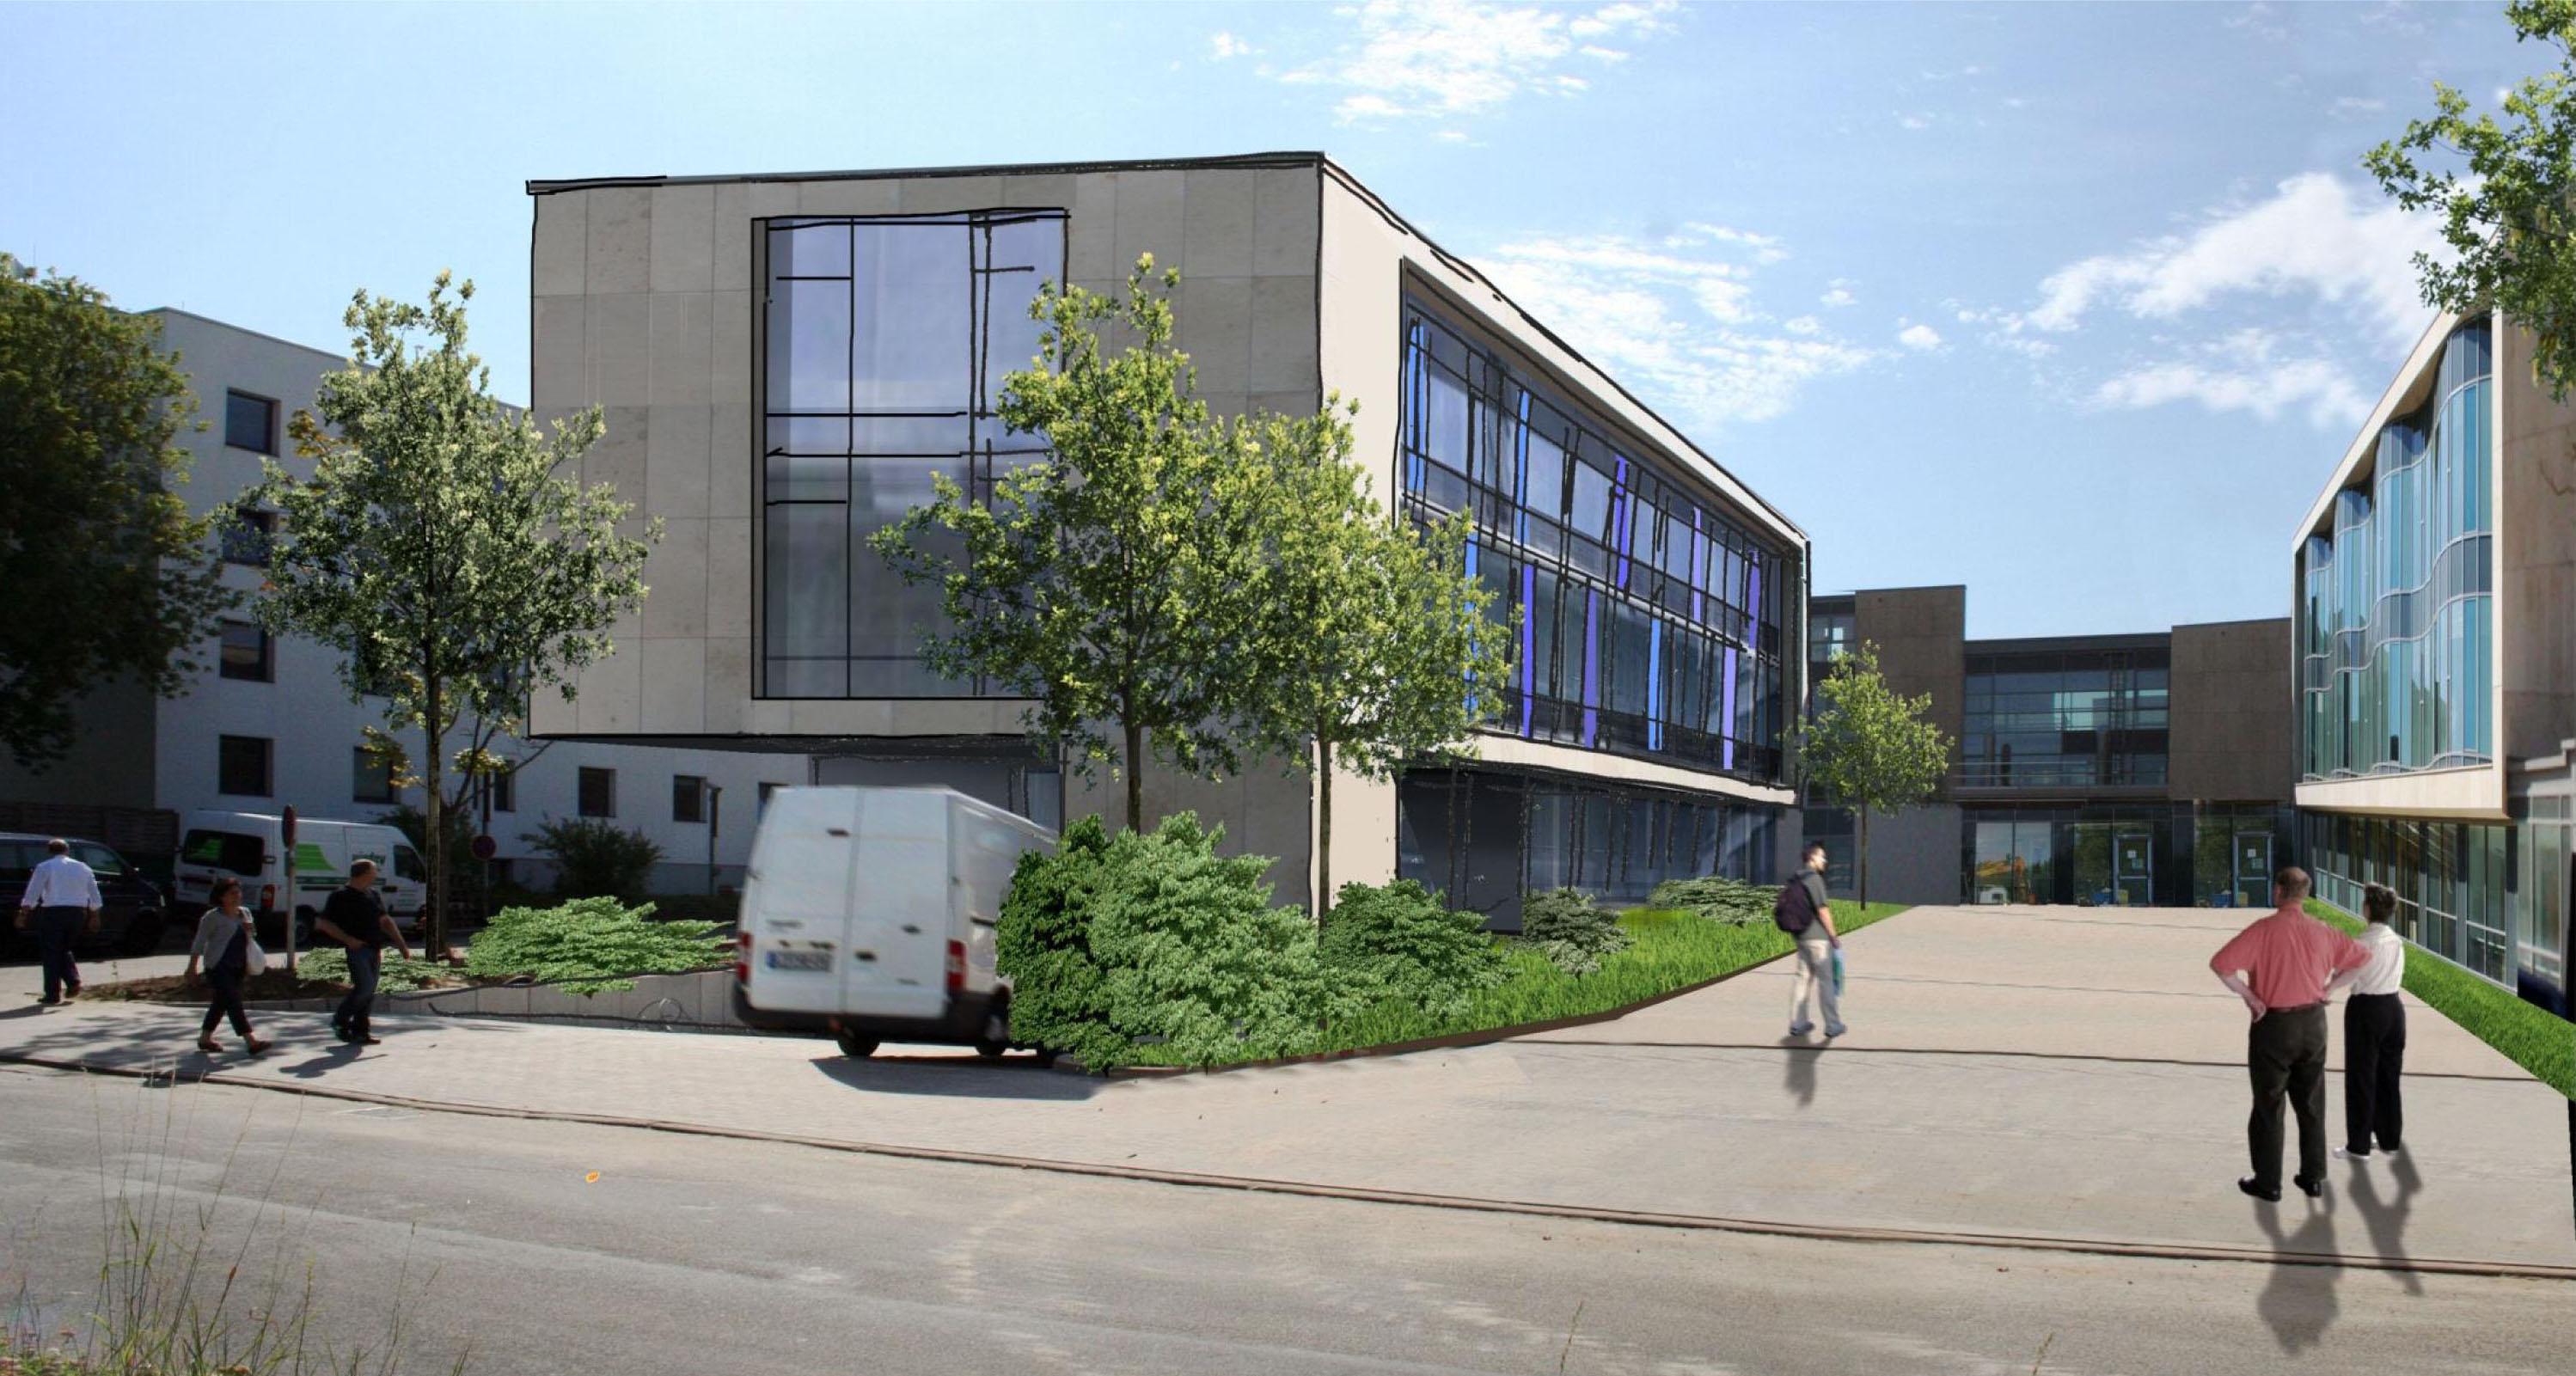 herz und diabeteszentrum bad oeynhausen relles ingenieure gmbh. Black Bedroom Furniture Sets. Home Design Ideas